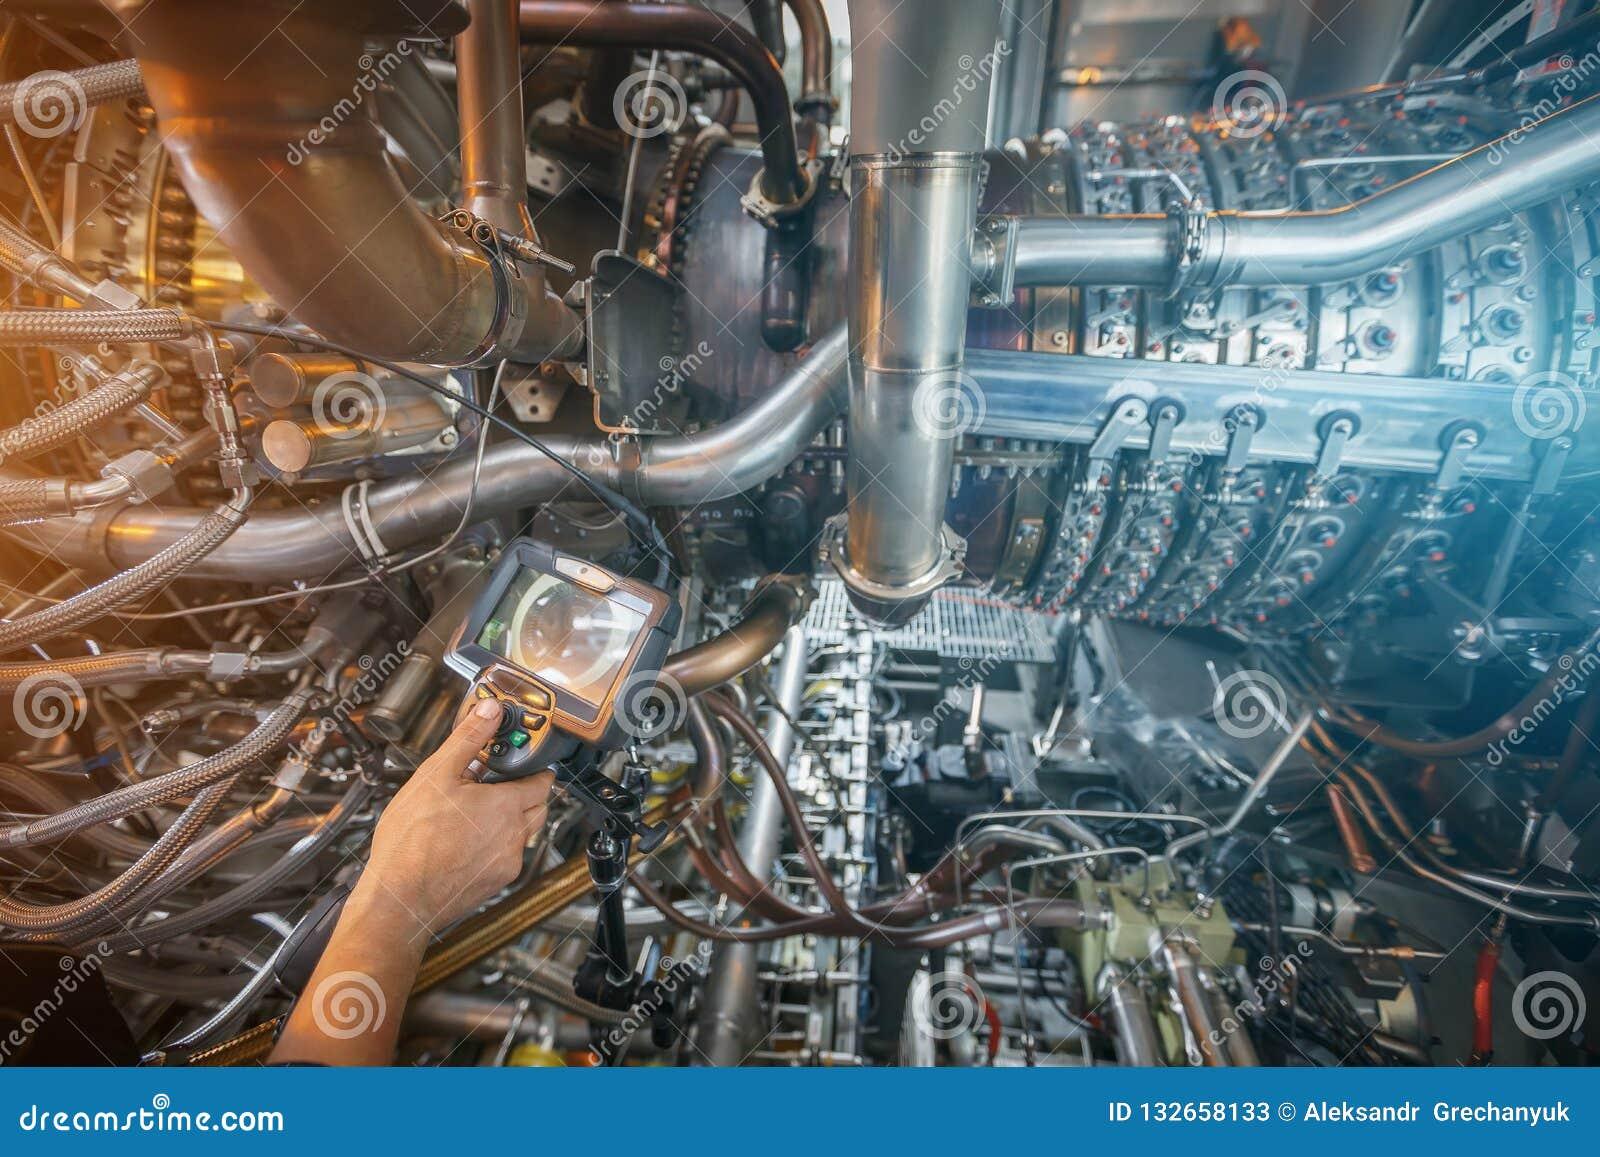 Inspektion von Gasturbinenmotor unter Verwendung eines Videoendoskops Suche nach Defekten innerhalb der Turbine und des Schießens